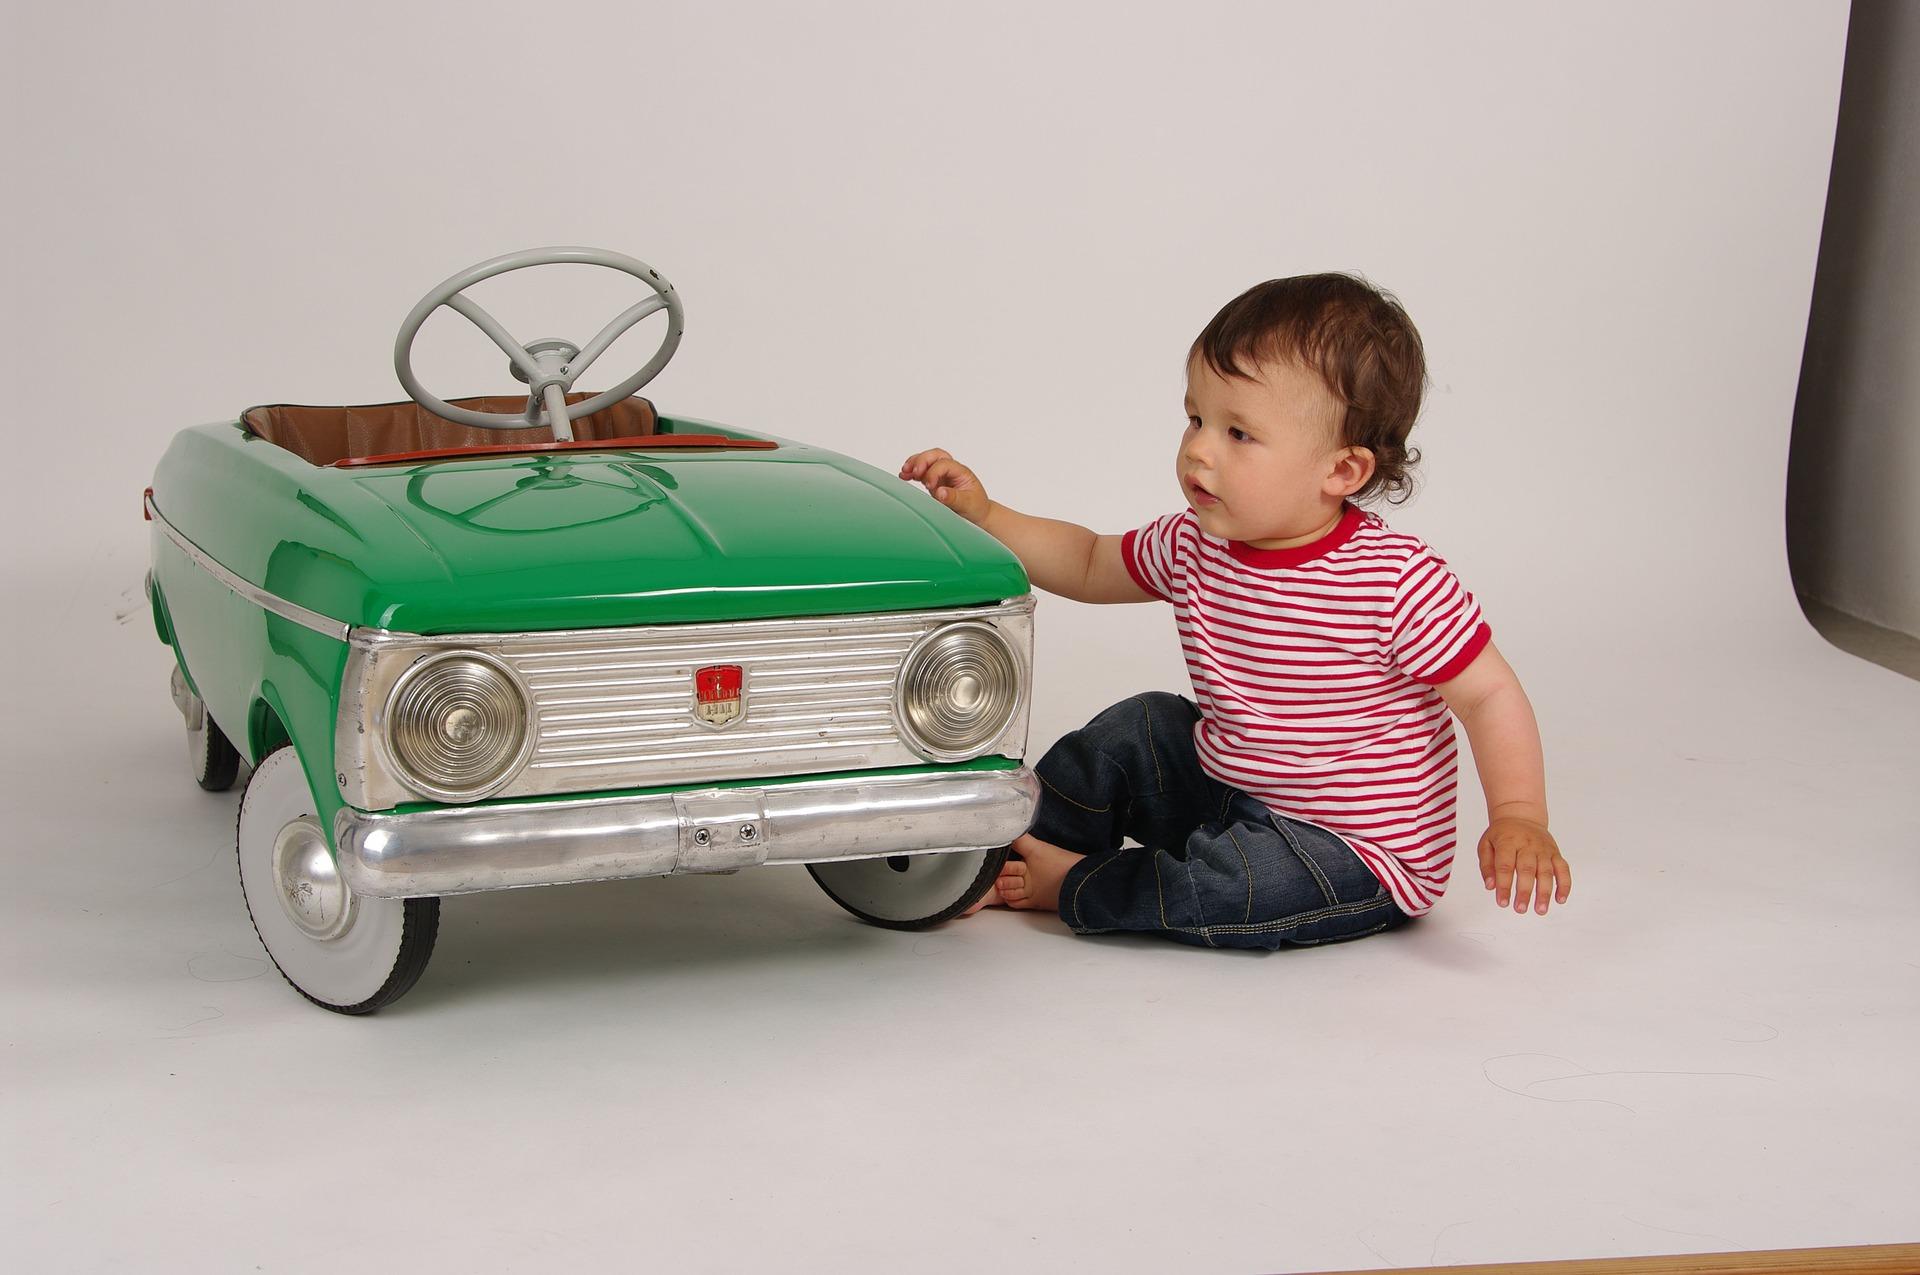 La voiture électrique pour enfant : explications